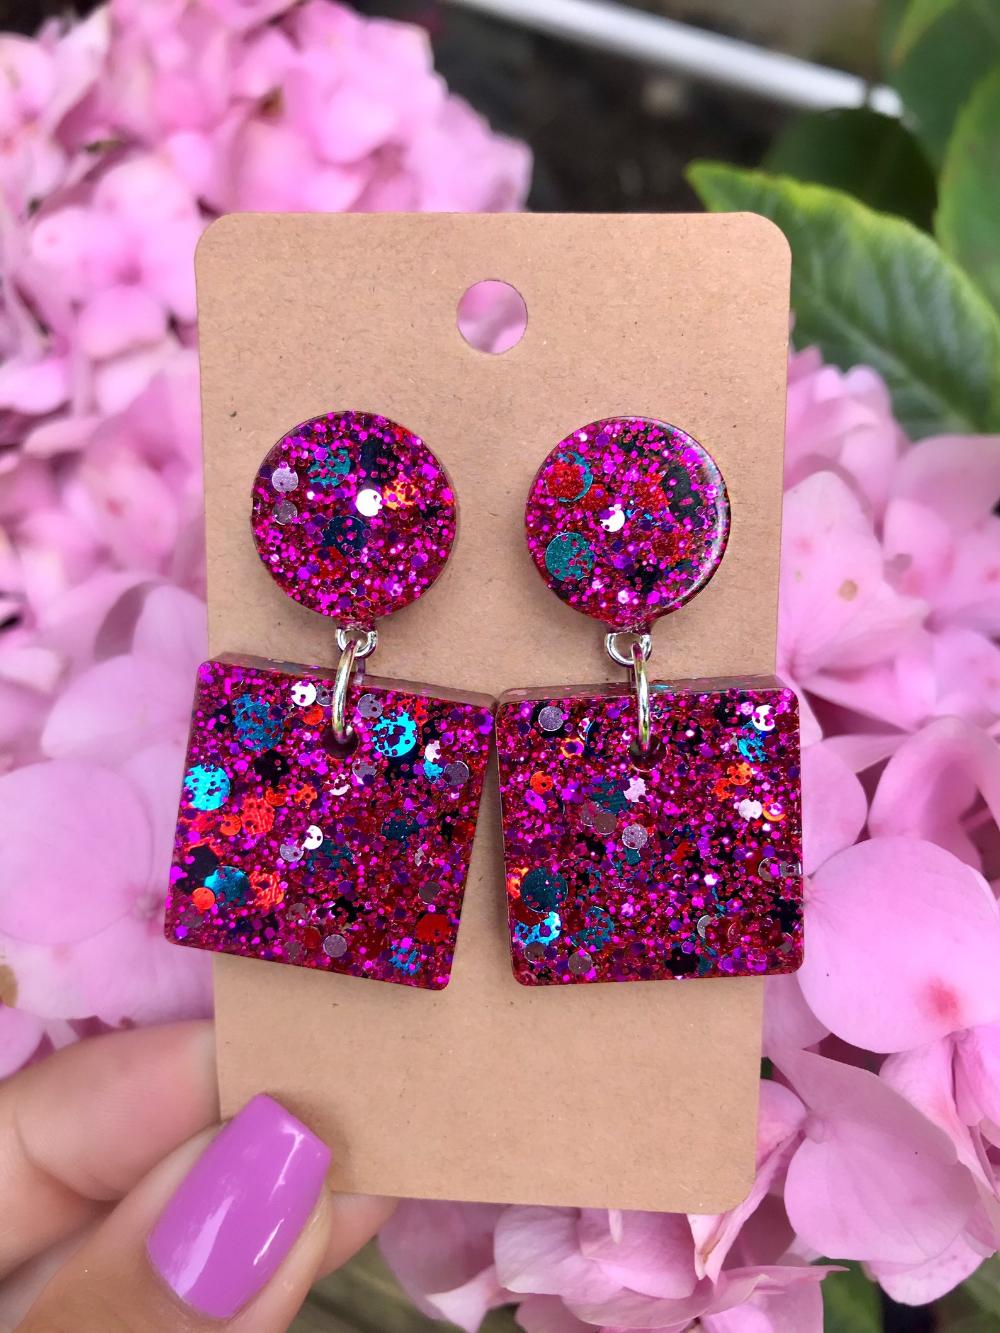 Glitter Earrings resin jewelry accessories